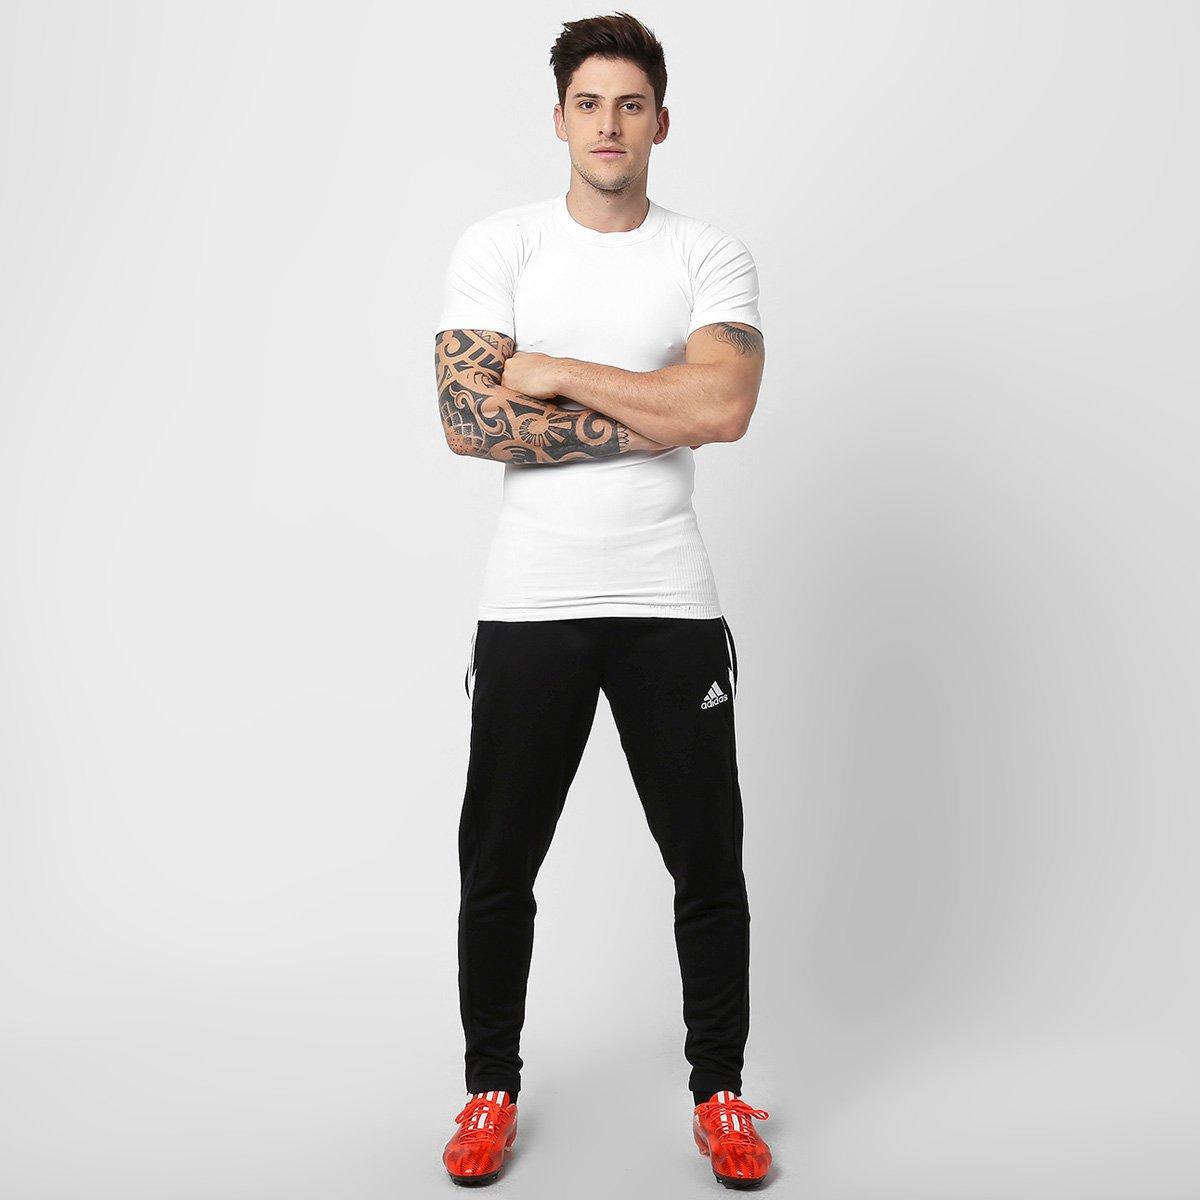 Calça Adidas Treino Sere 14 Masculina - Compre Agora  819151f5913df